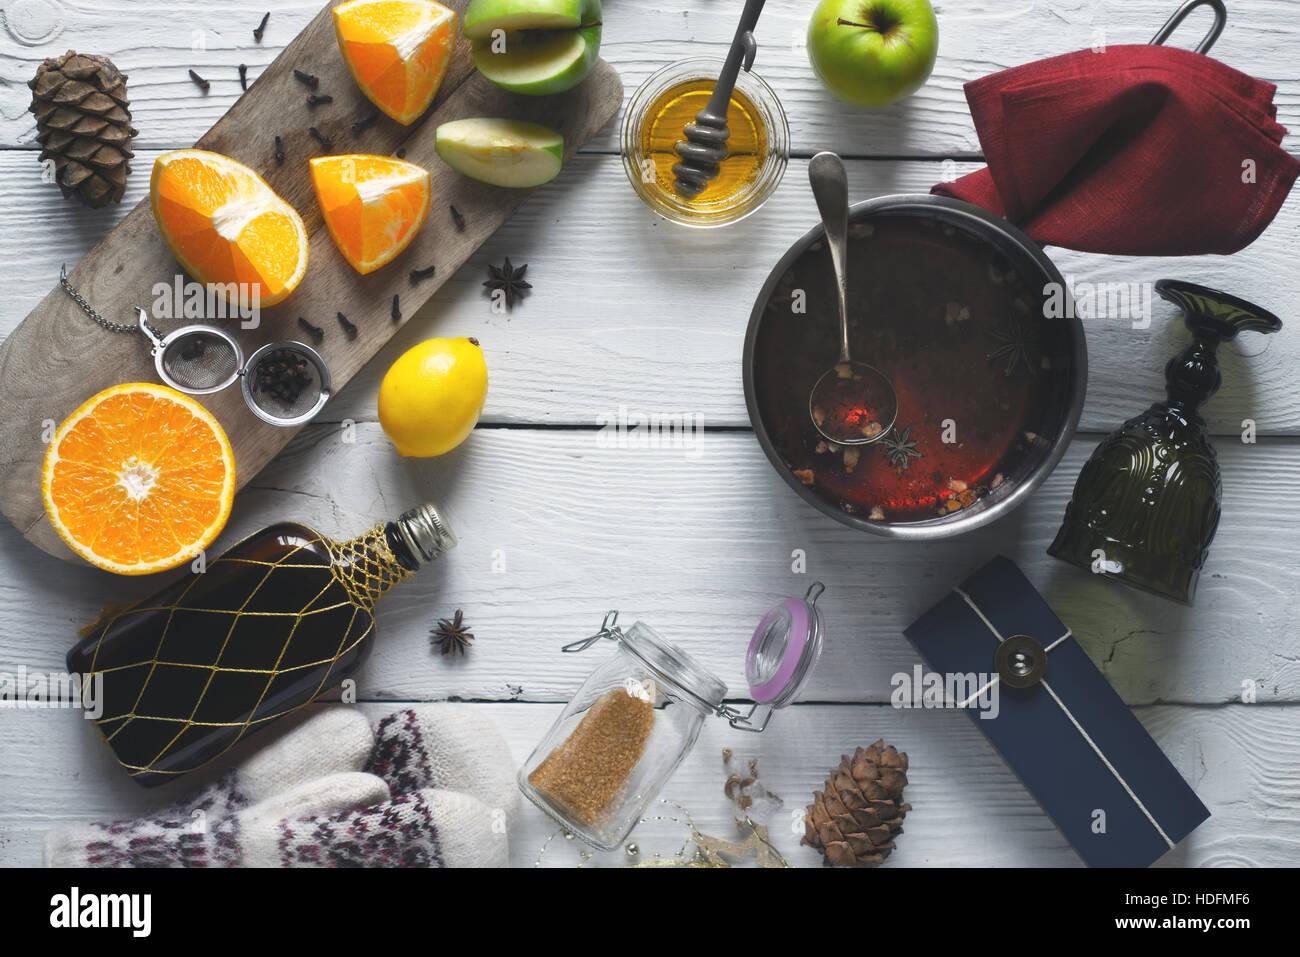 Ingredientes para el vino tibio en la vista superior de la tabla de madera blanca Imagen De Stock